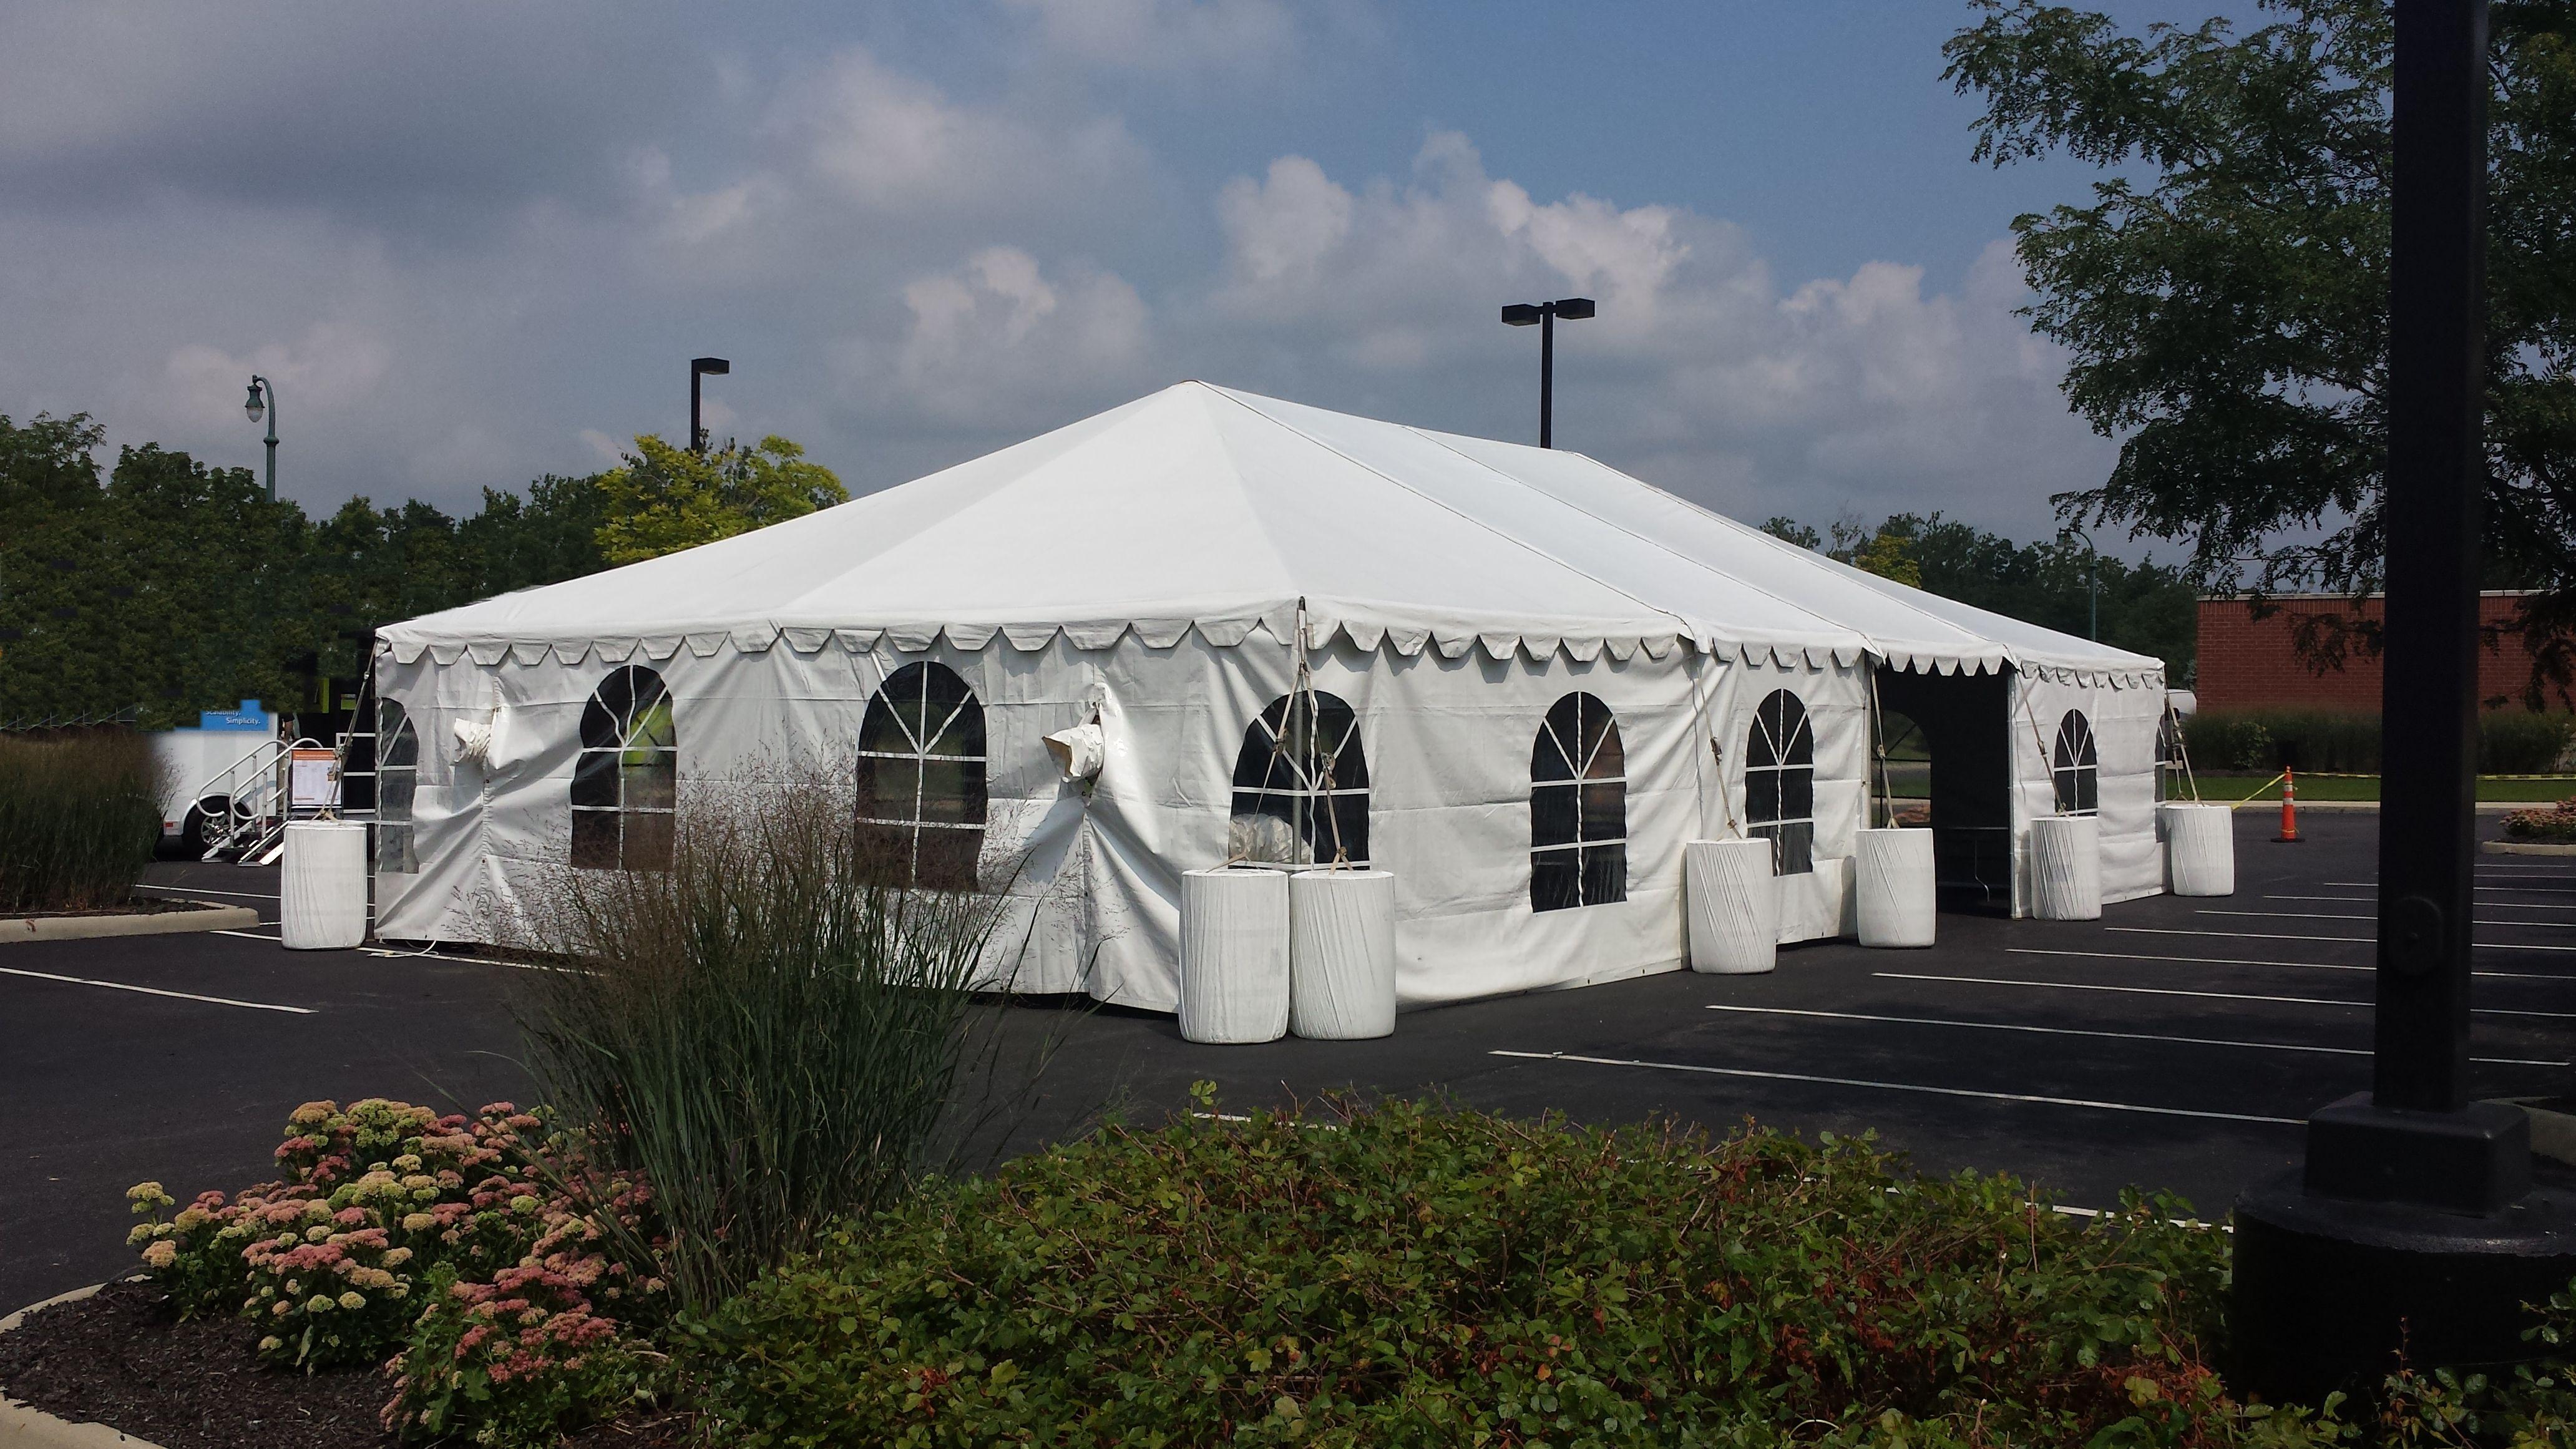 30u2032 x 50u2032 White Frame Tent & 30u2032 x 50u2032 White Frame Tent - Metro Cuisine - Columbus OH